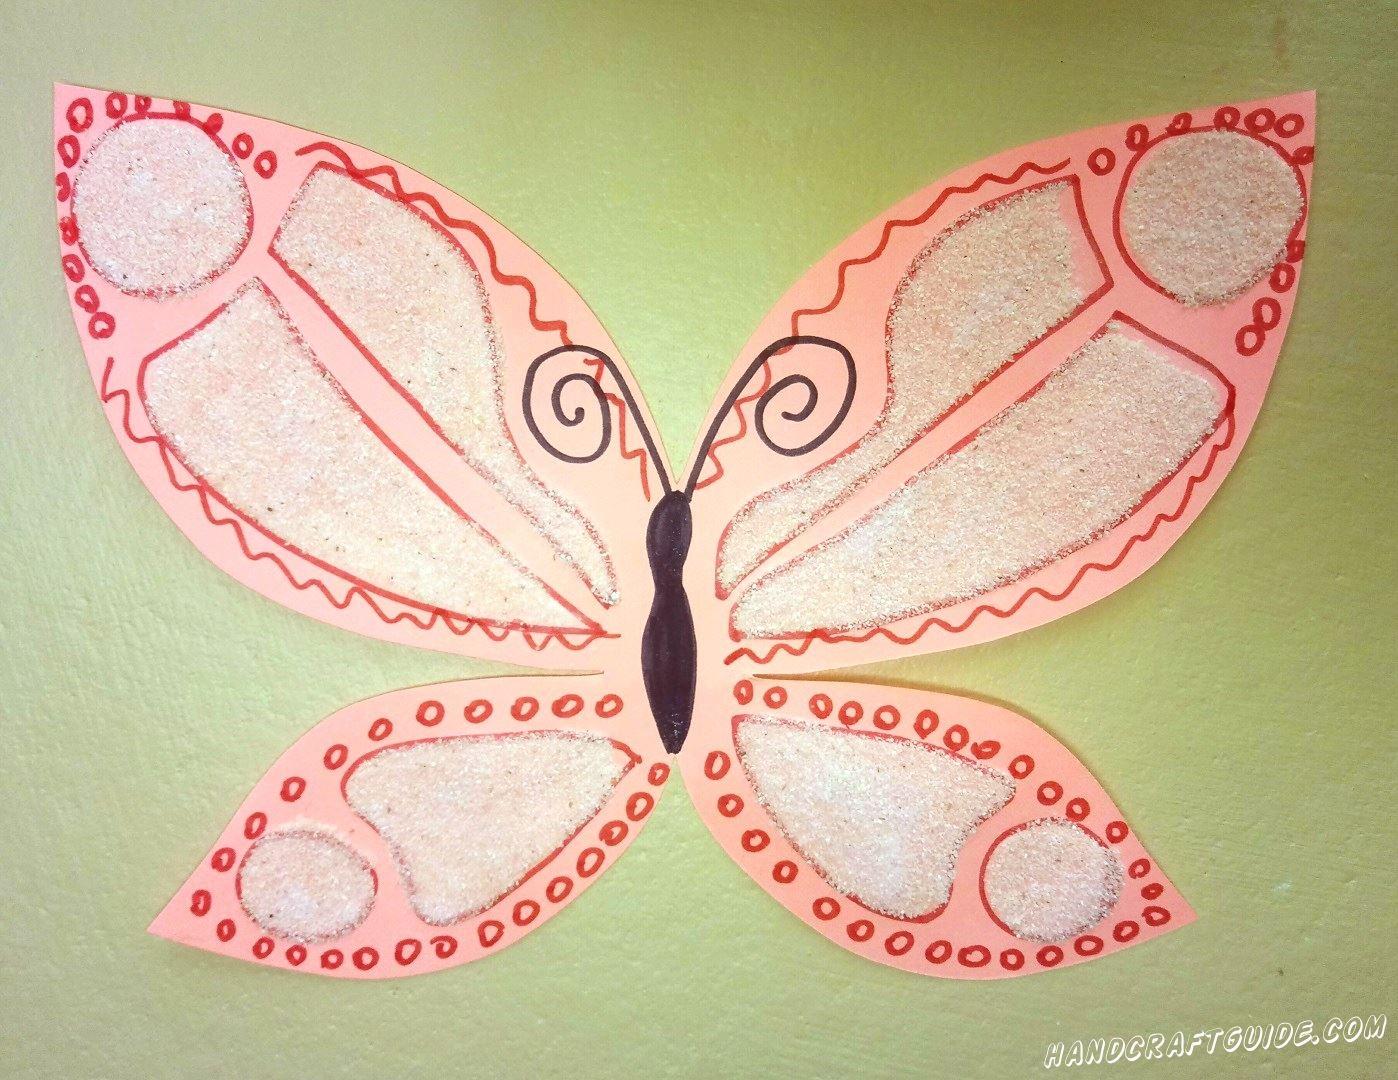 розовая бабочка аппликация из манной крупы